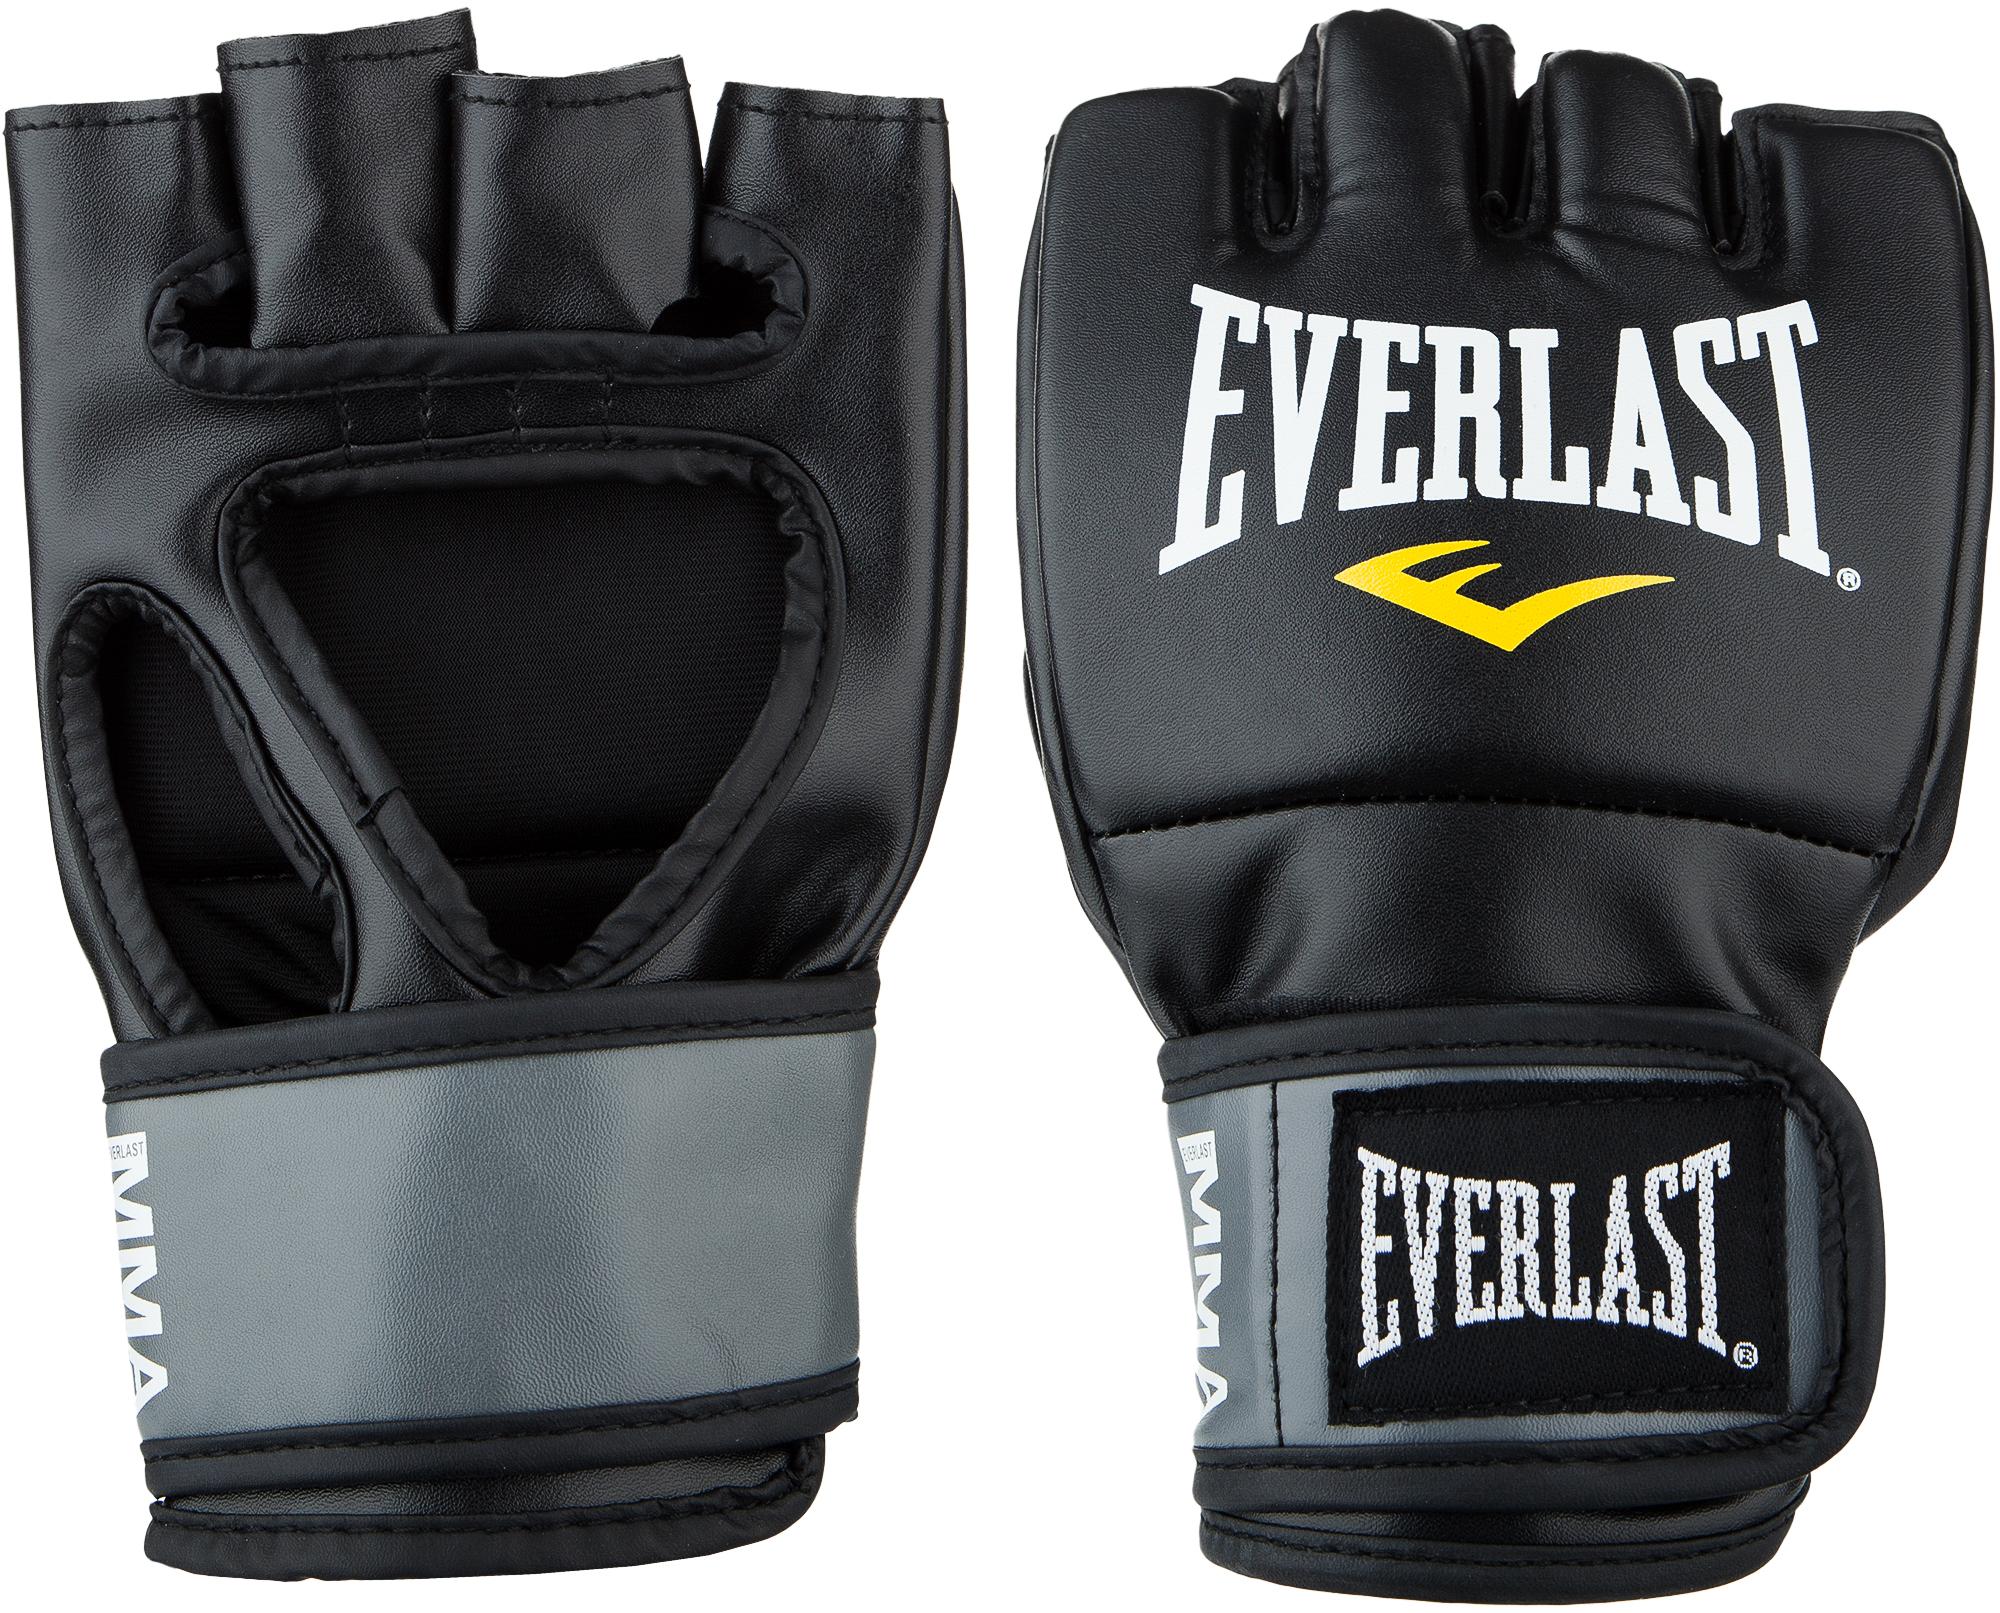 Everlast Перчатки тренировочные Everlast, размер L-XL перчатки тренировочные everlast pro style elite